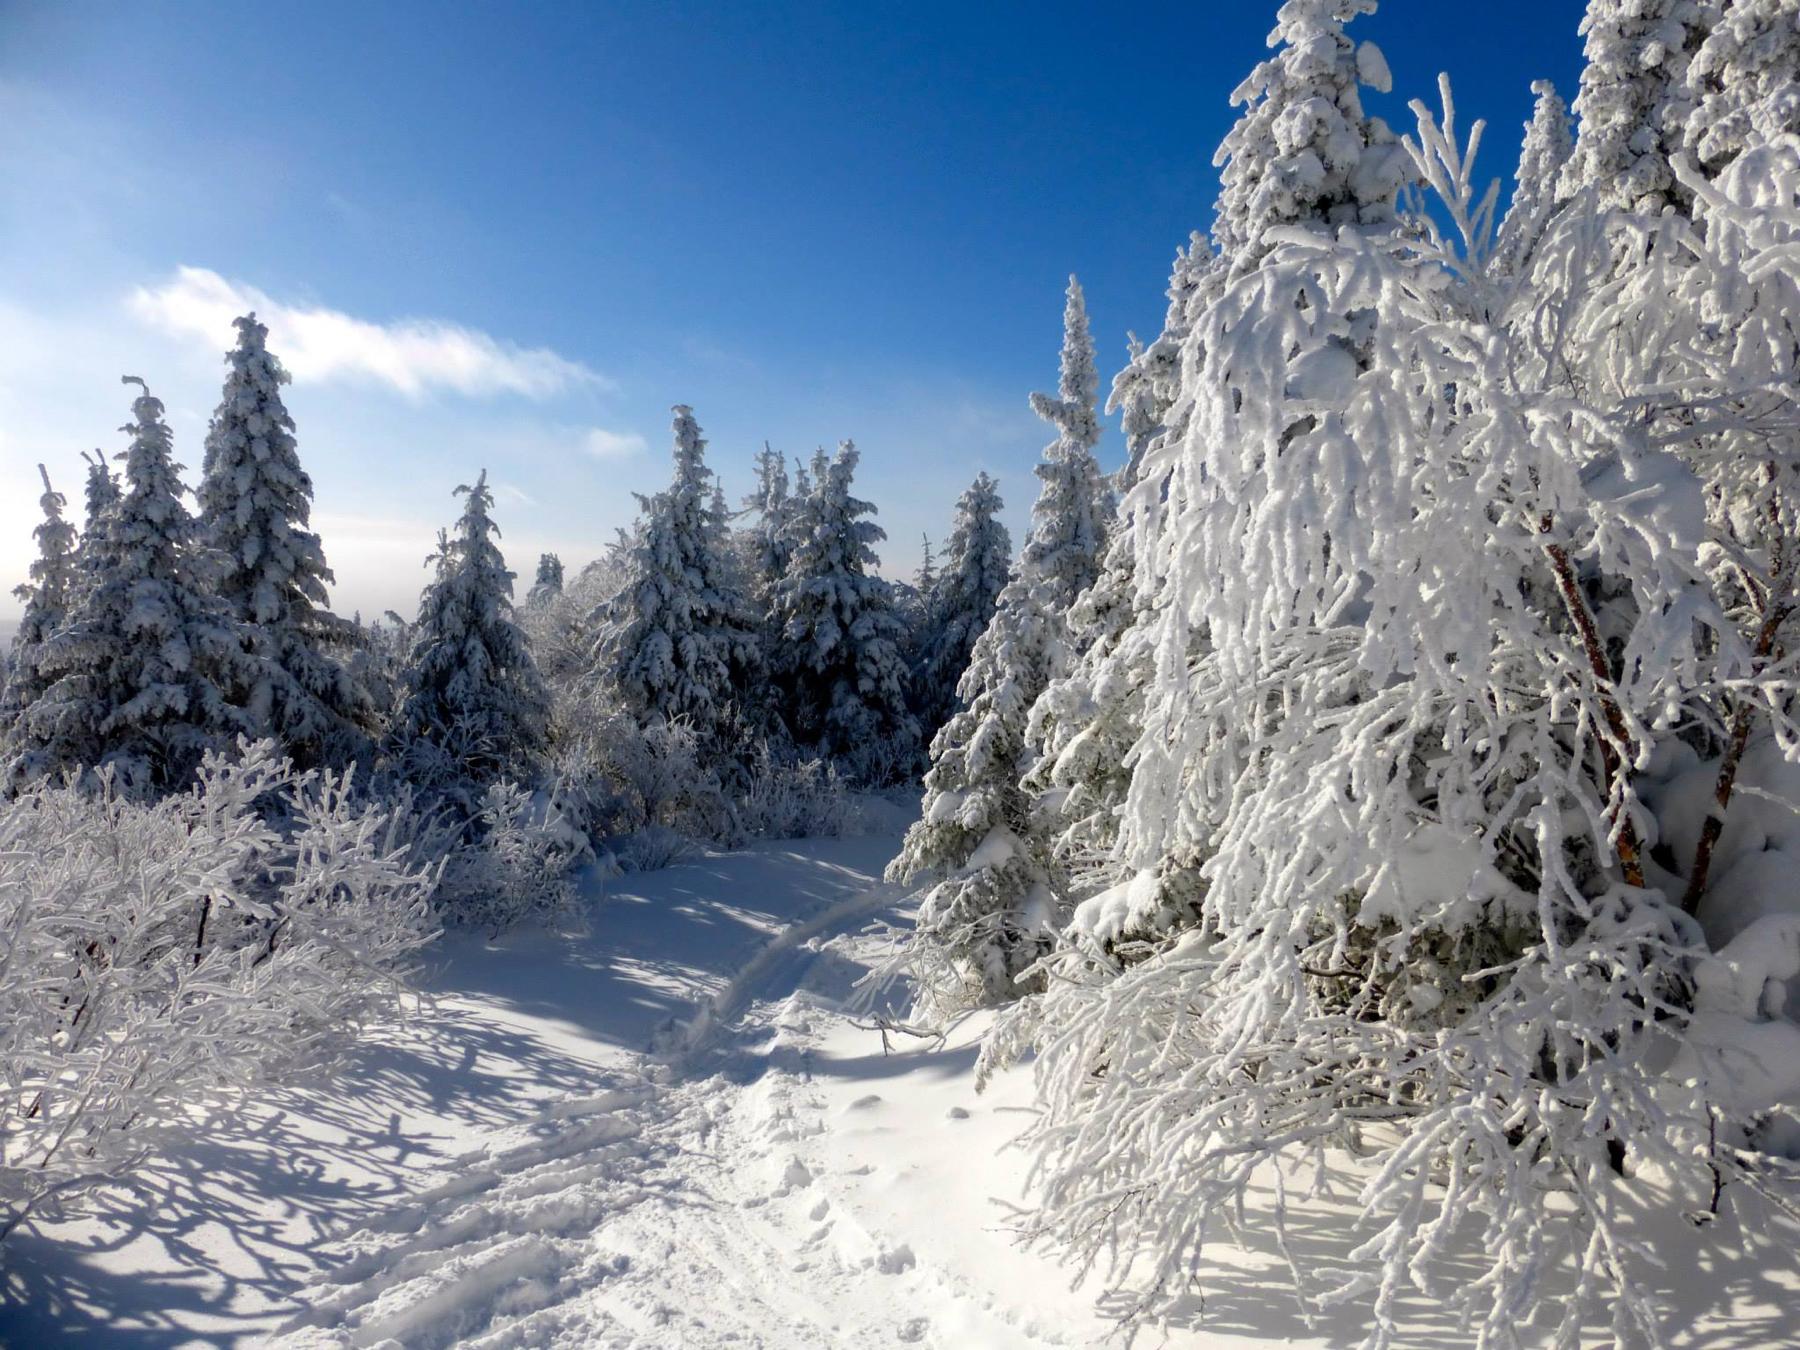 parc-montagne-du-diable-paysage-00016_1800x1350